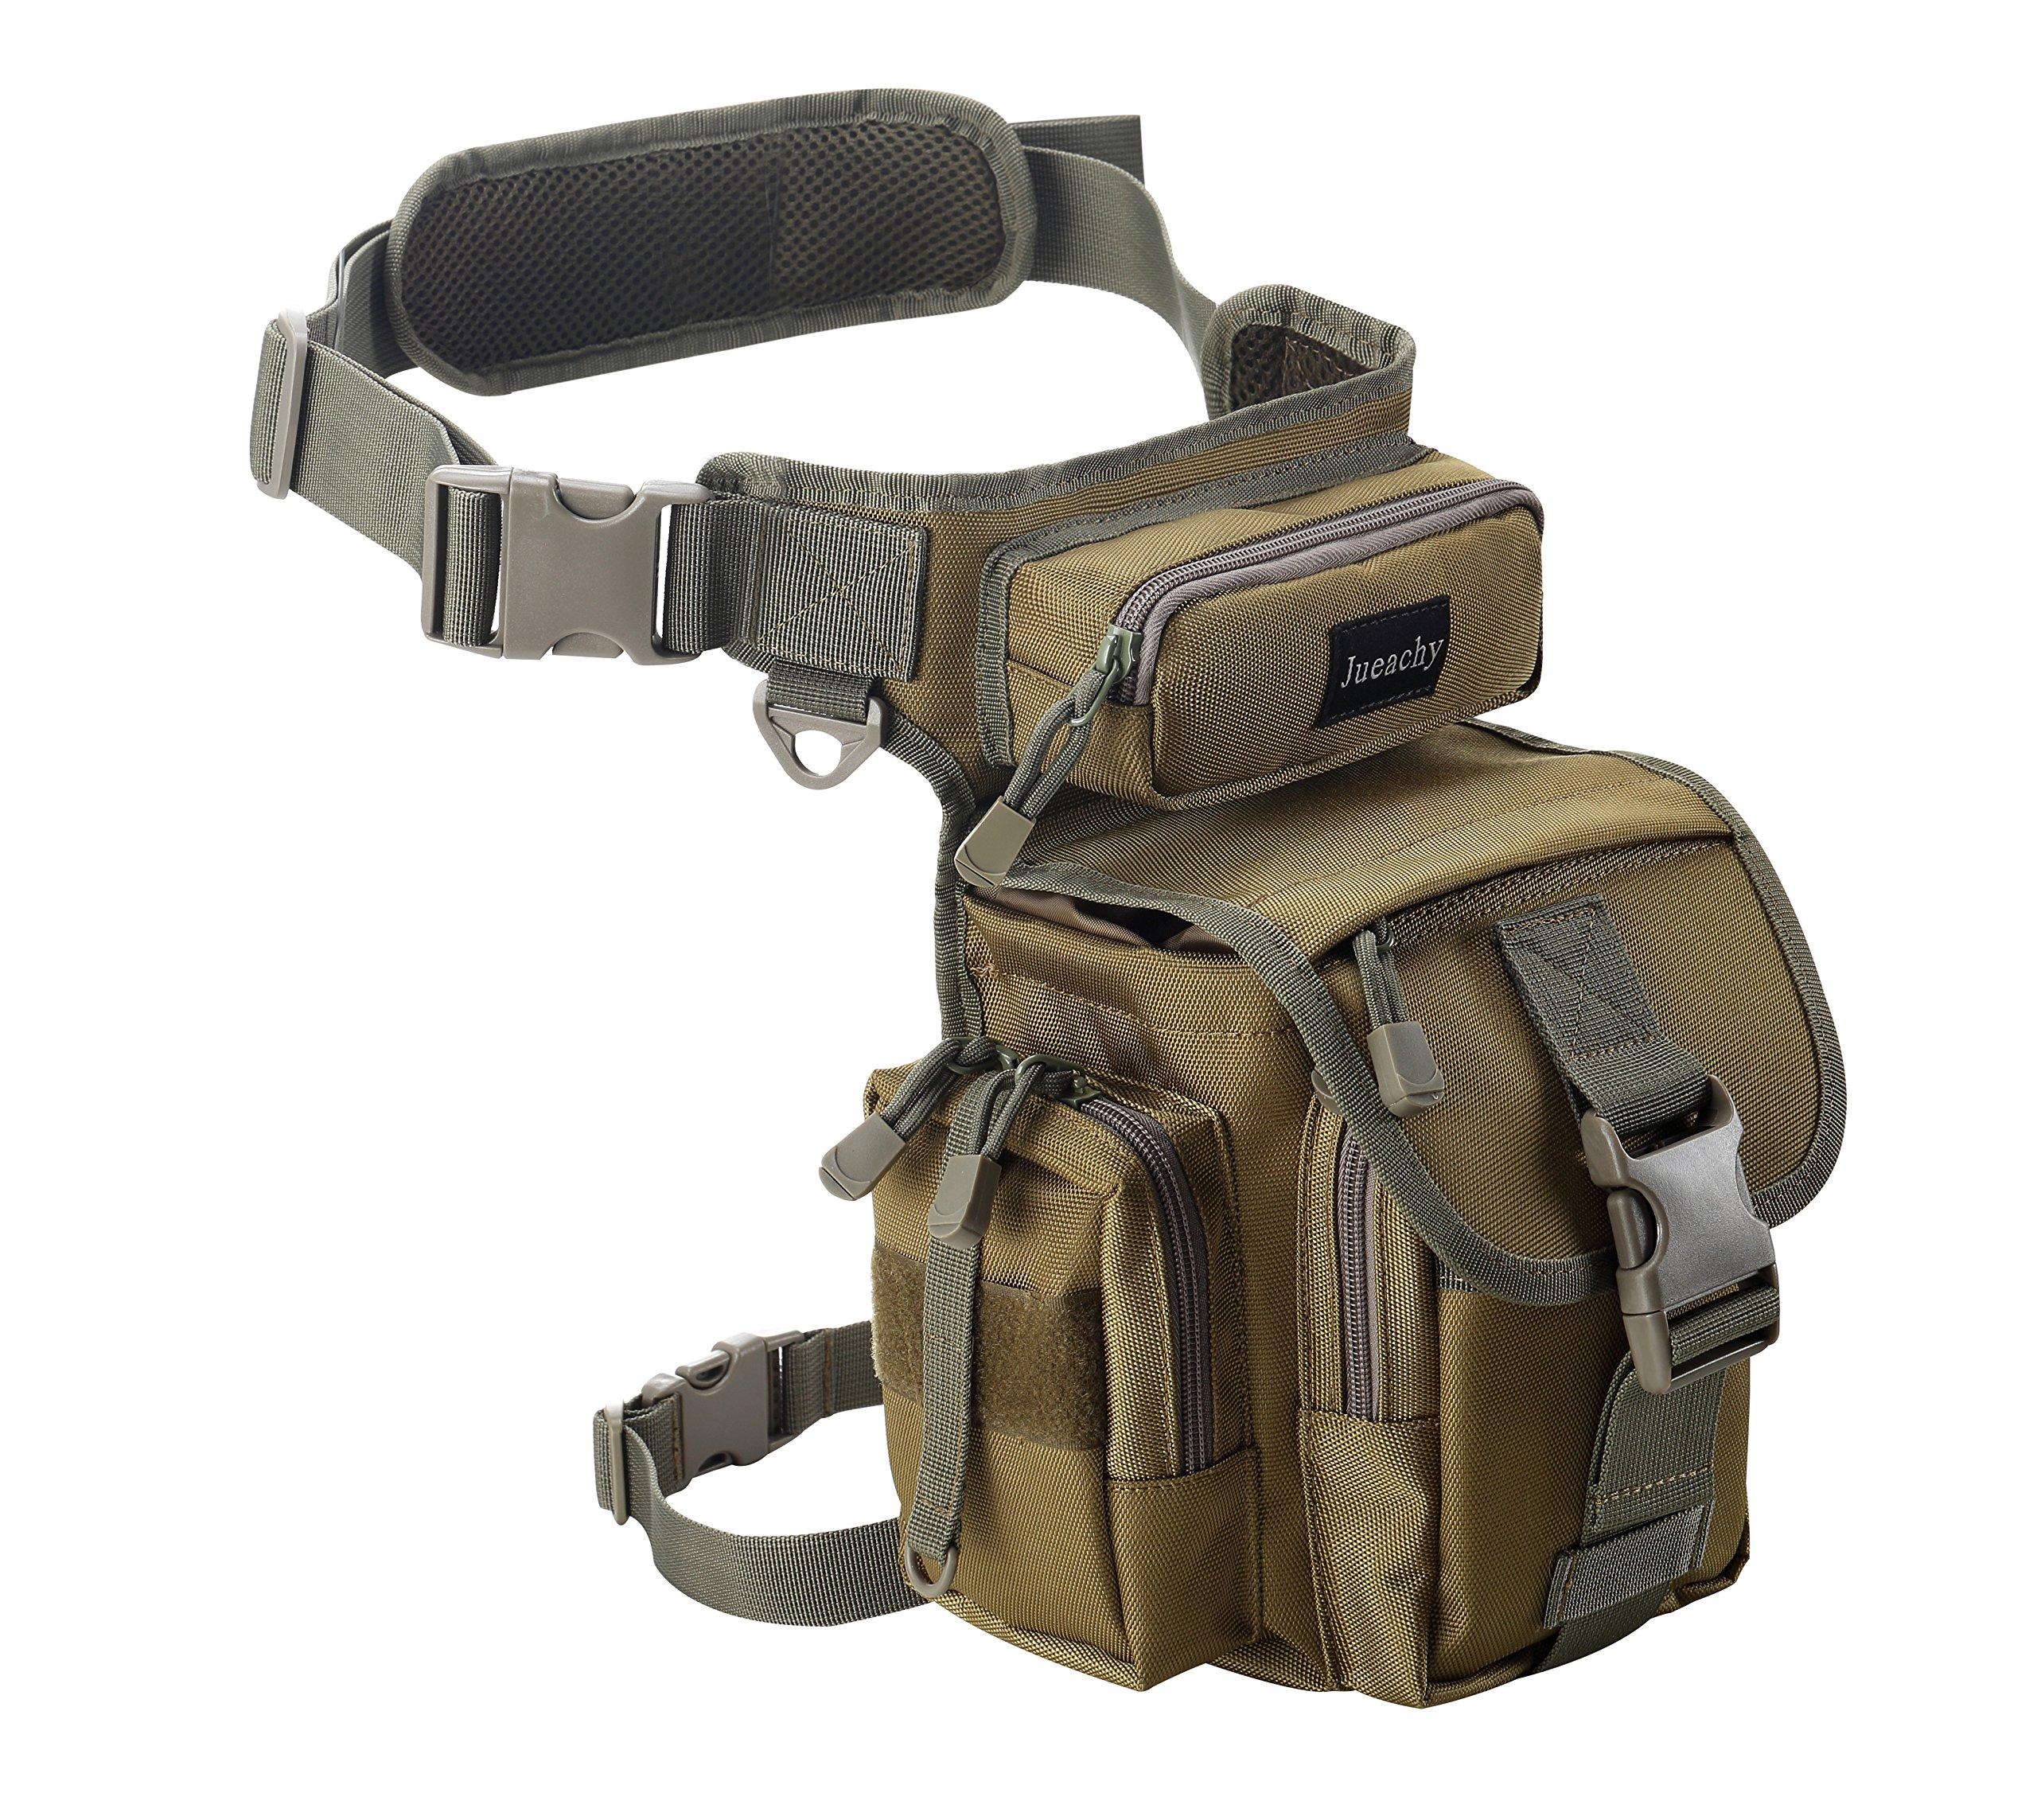 Jueachy Bolsa de Cintura Multifuncional para la Pierna, táctica, Militar, para Pesca,